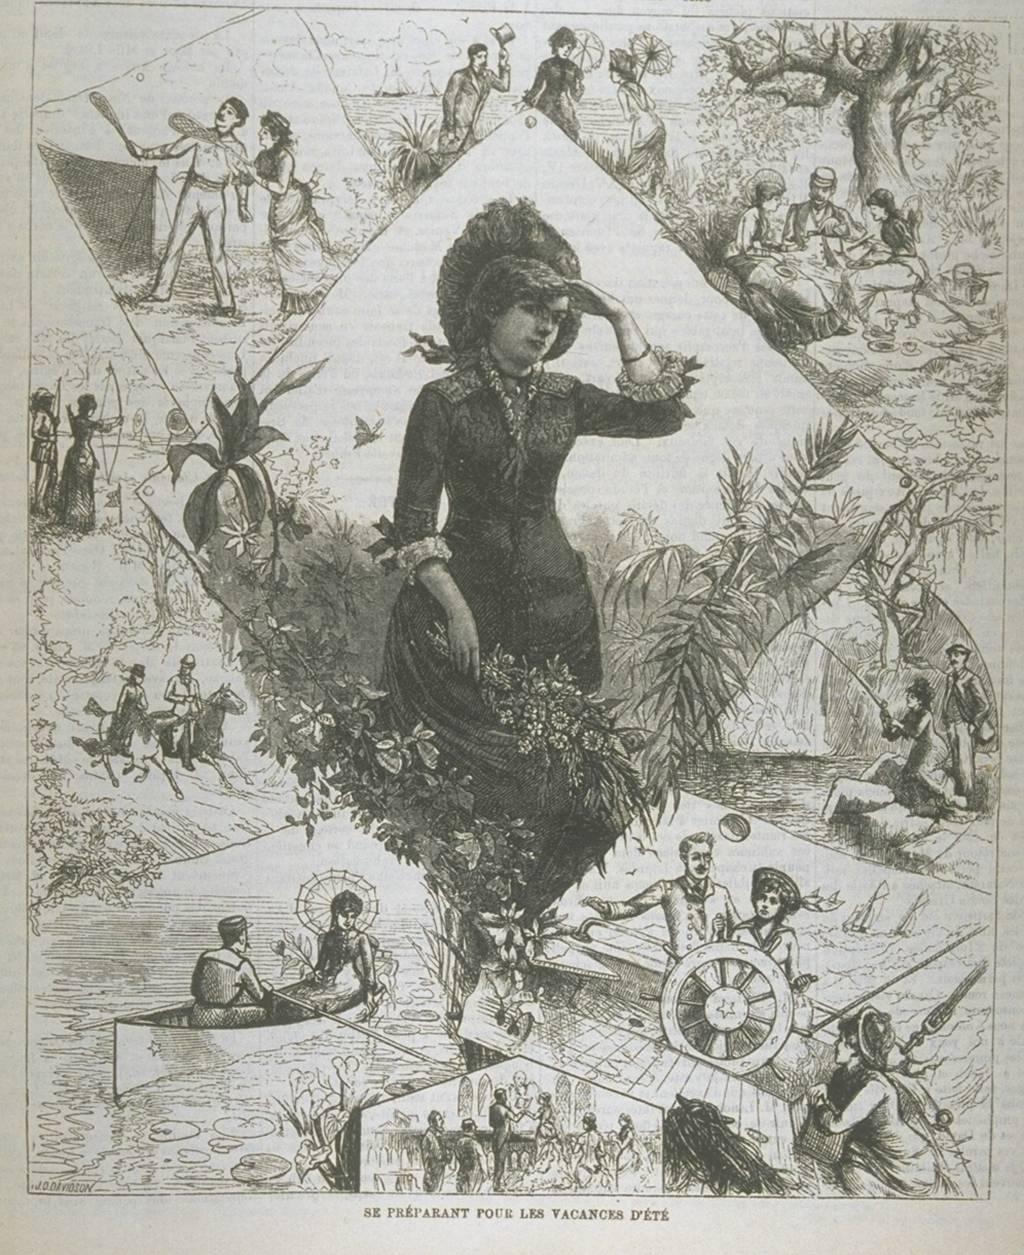 Affiche décrivant des activités estivales d'une jeune femme comme le tennis, les pique-niques ou la navigation de plaisance.